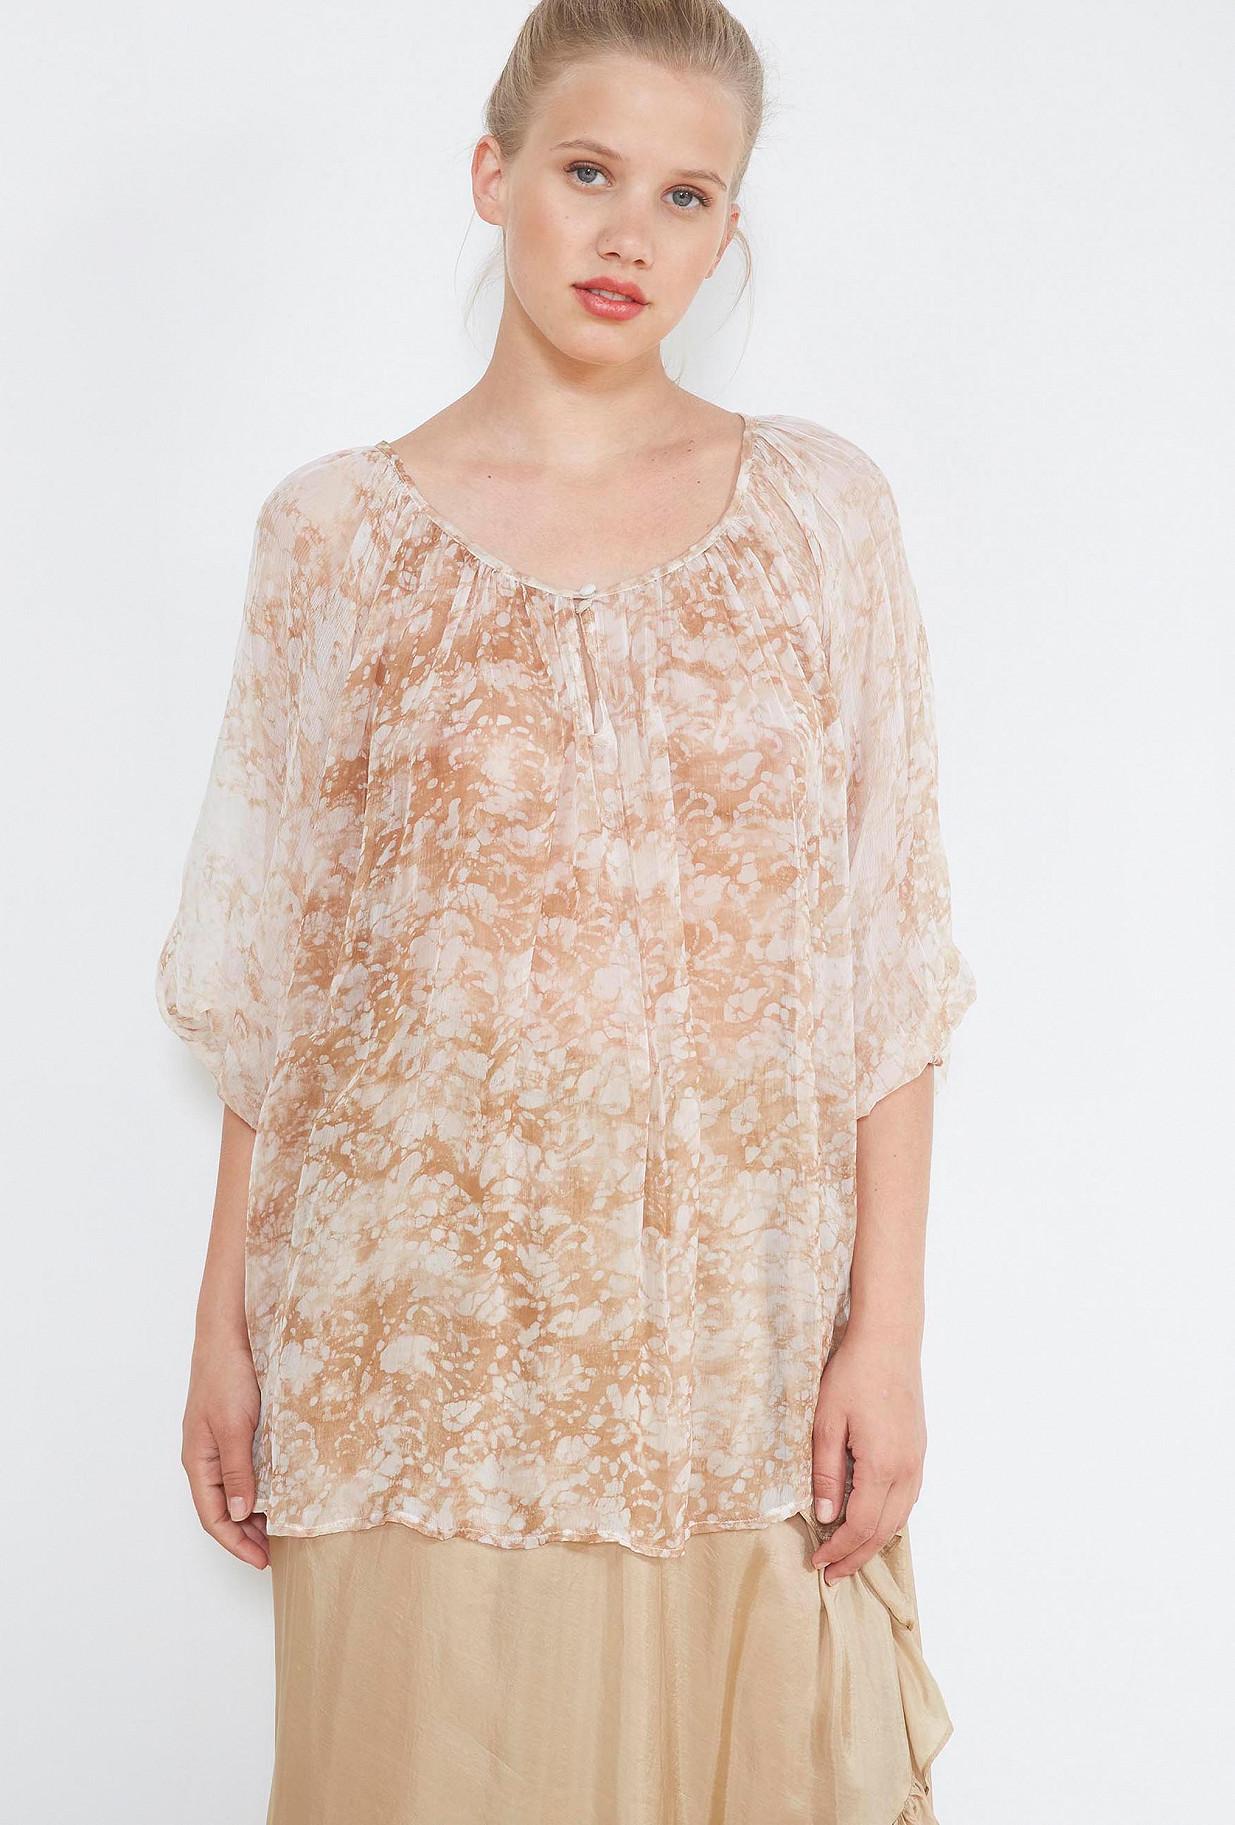 clothes store BLOUSE  Tatum french designer fashion Paris